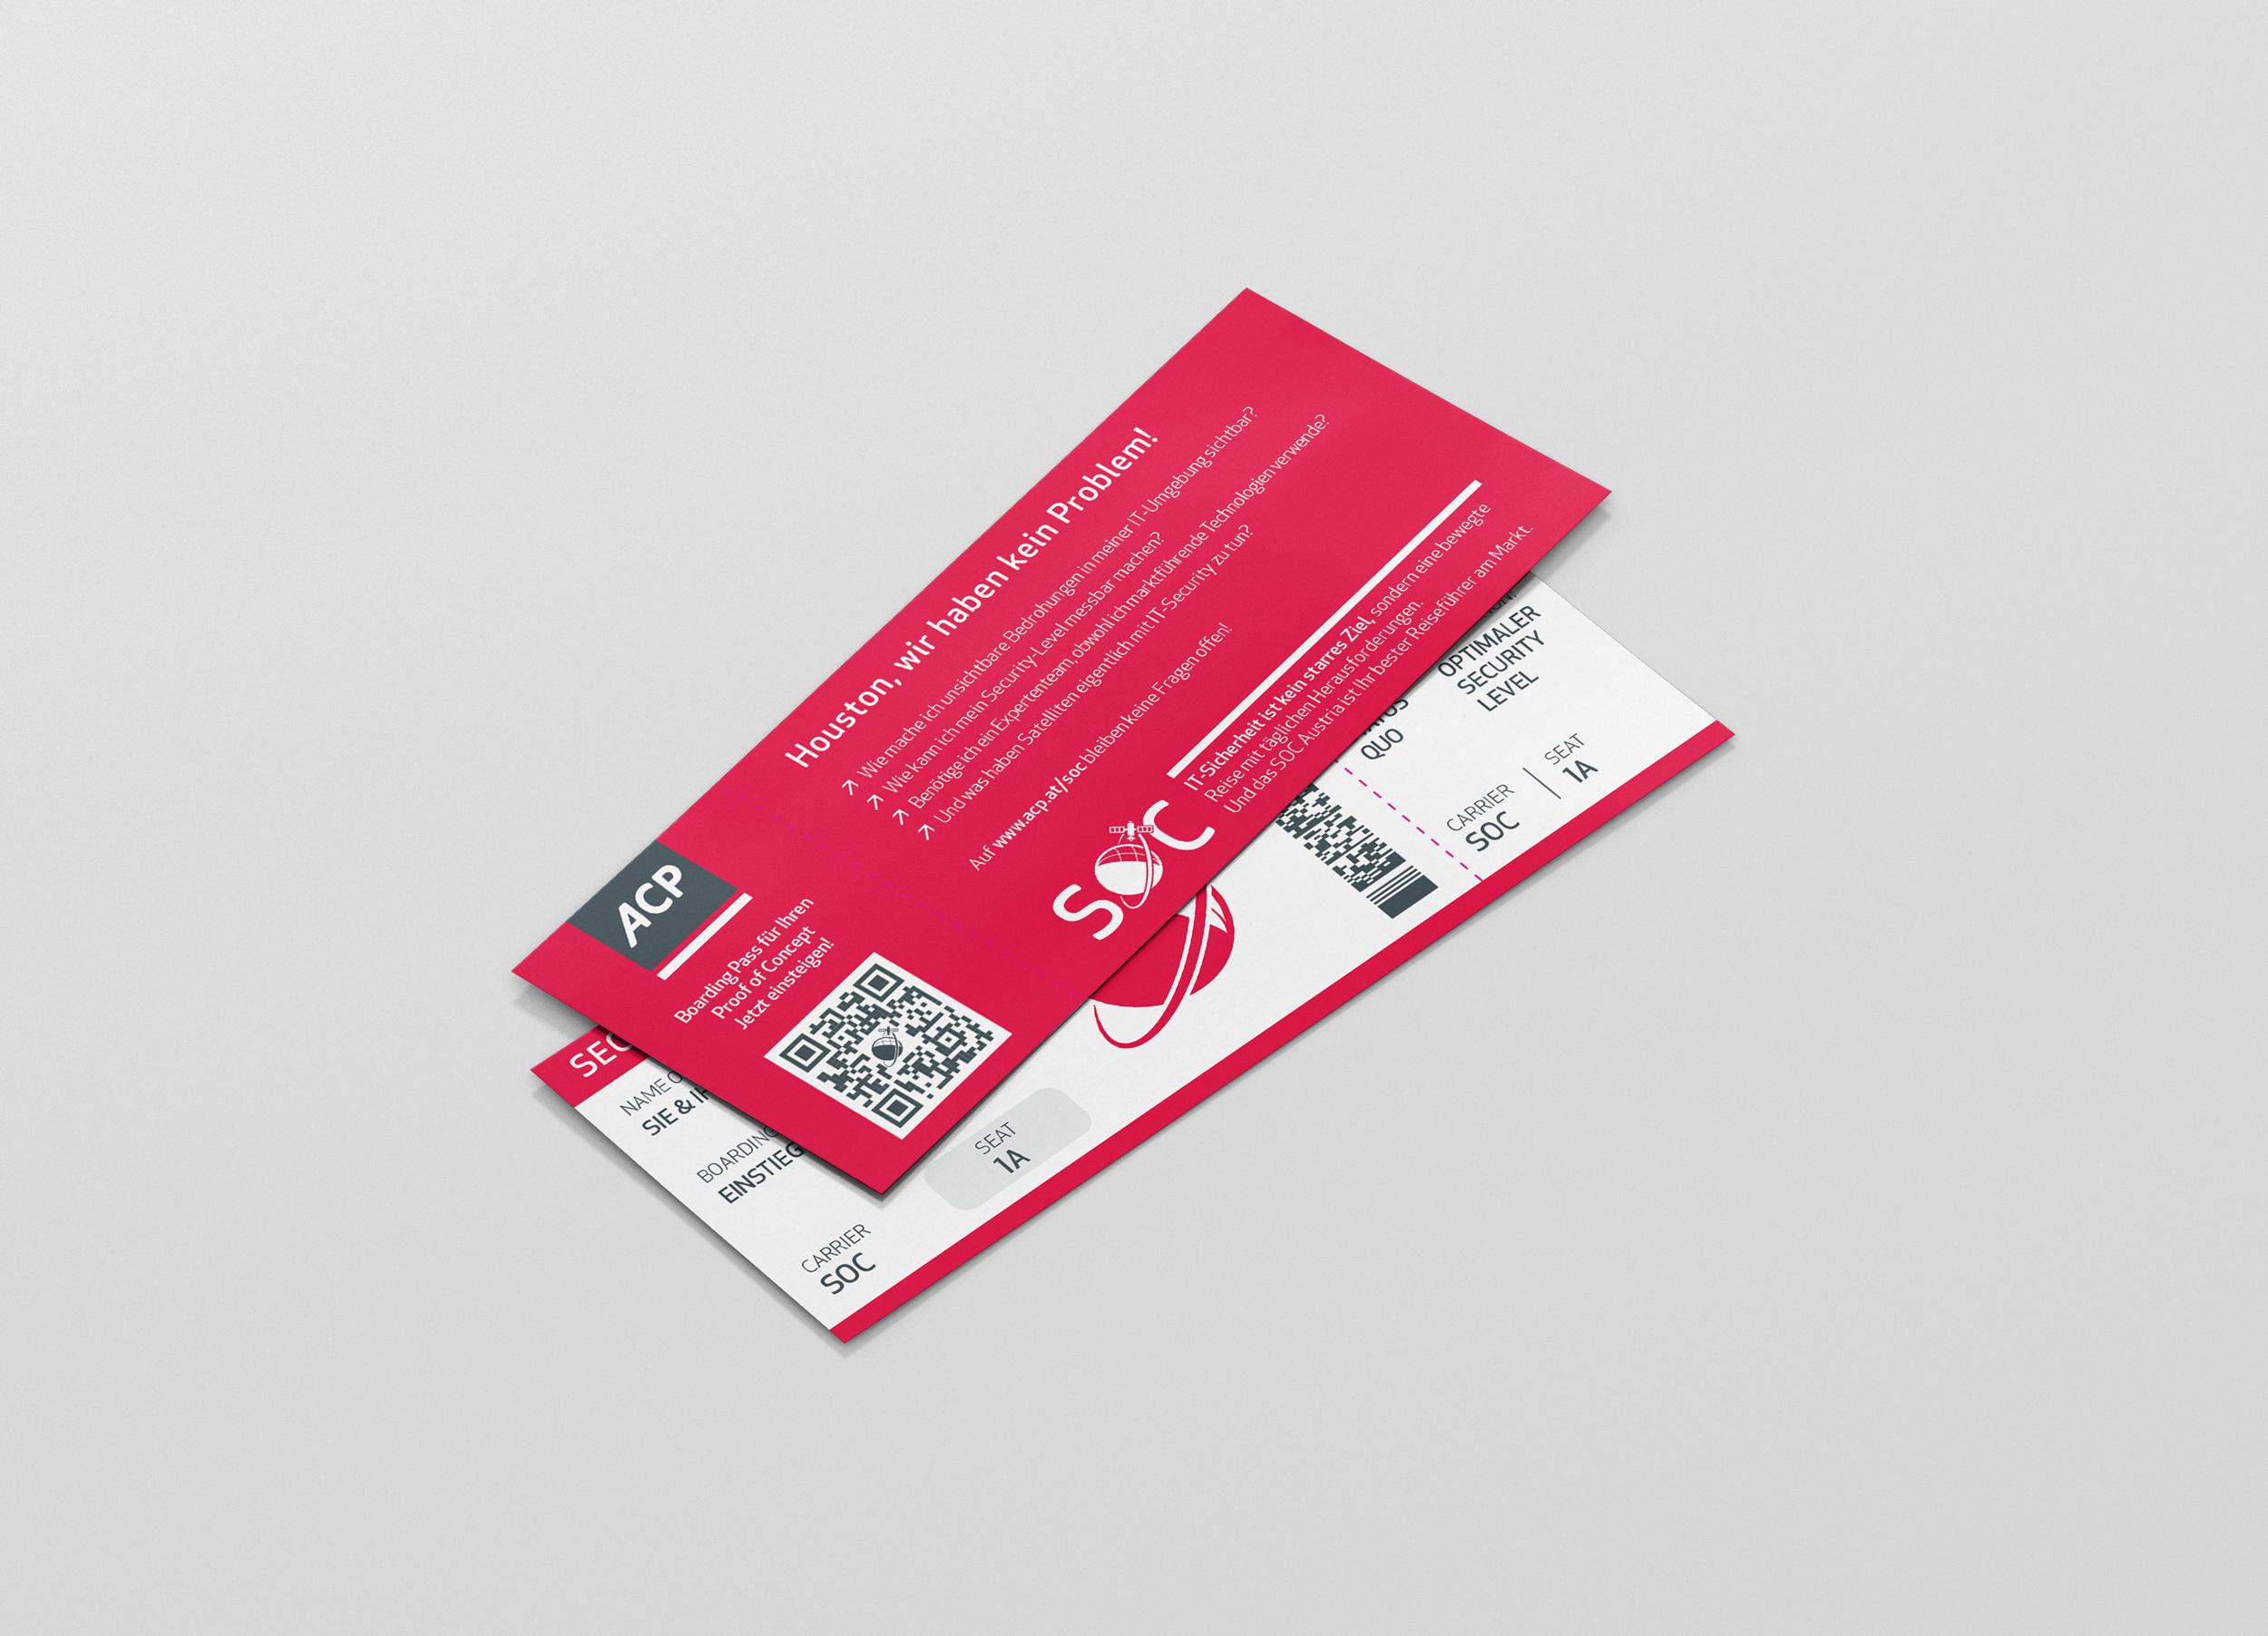 ticket_front_back_overlap_side_v2